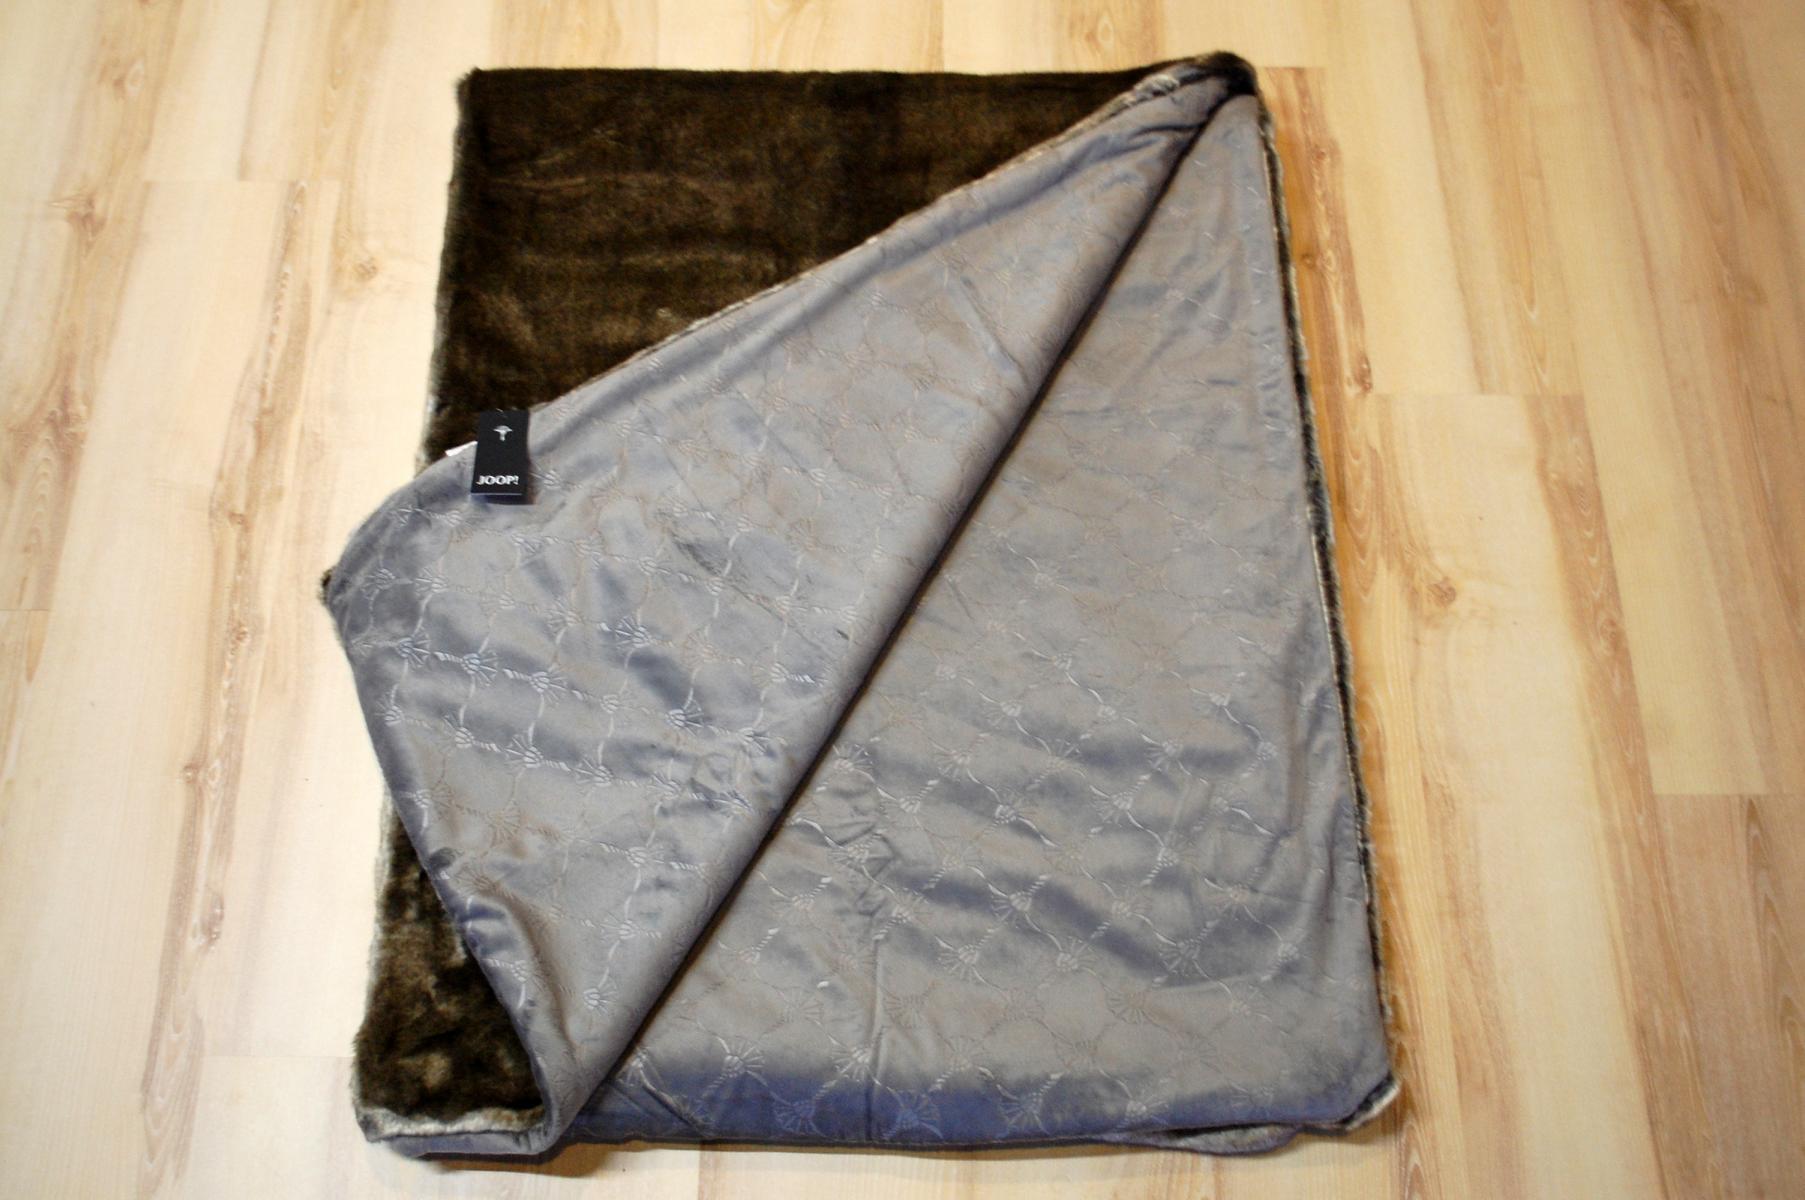 joop wohndecke simple joop baumwolle decke wohndecke. Black Bedroom Furniture Sets. Home Design Ideas